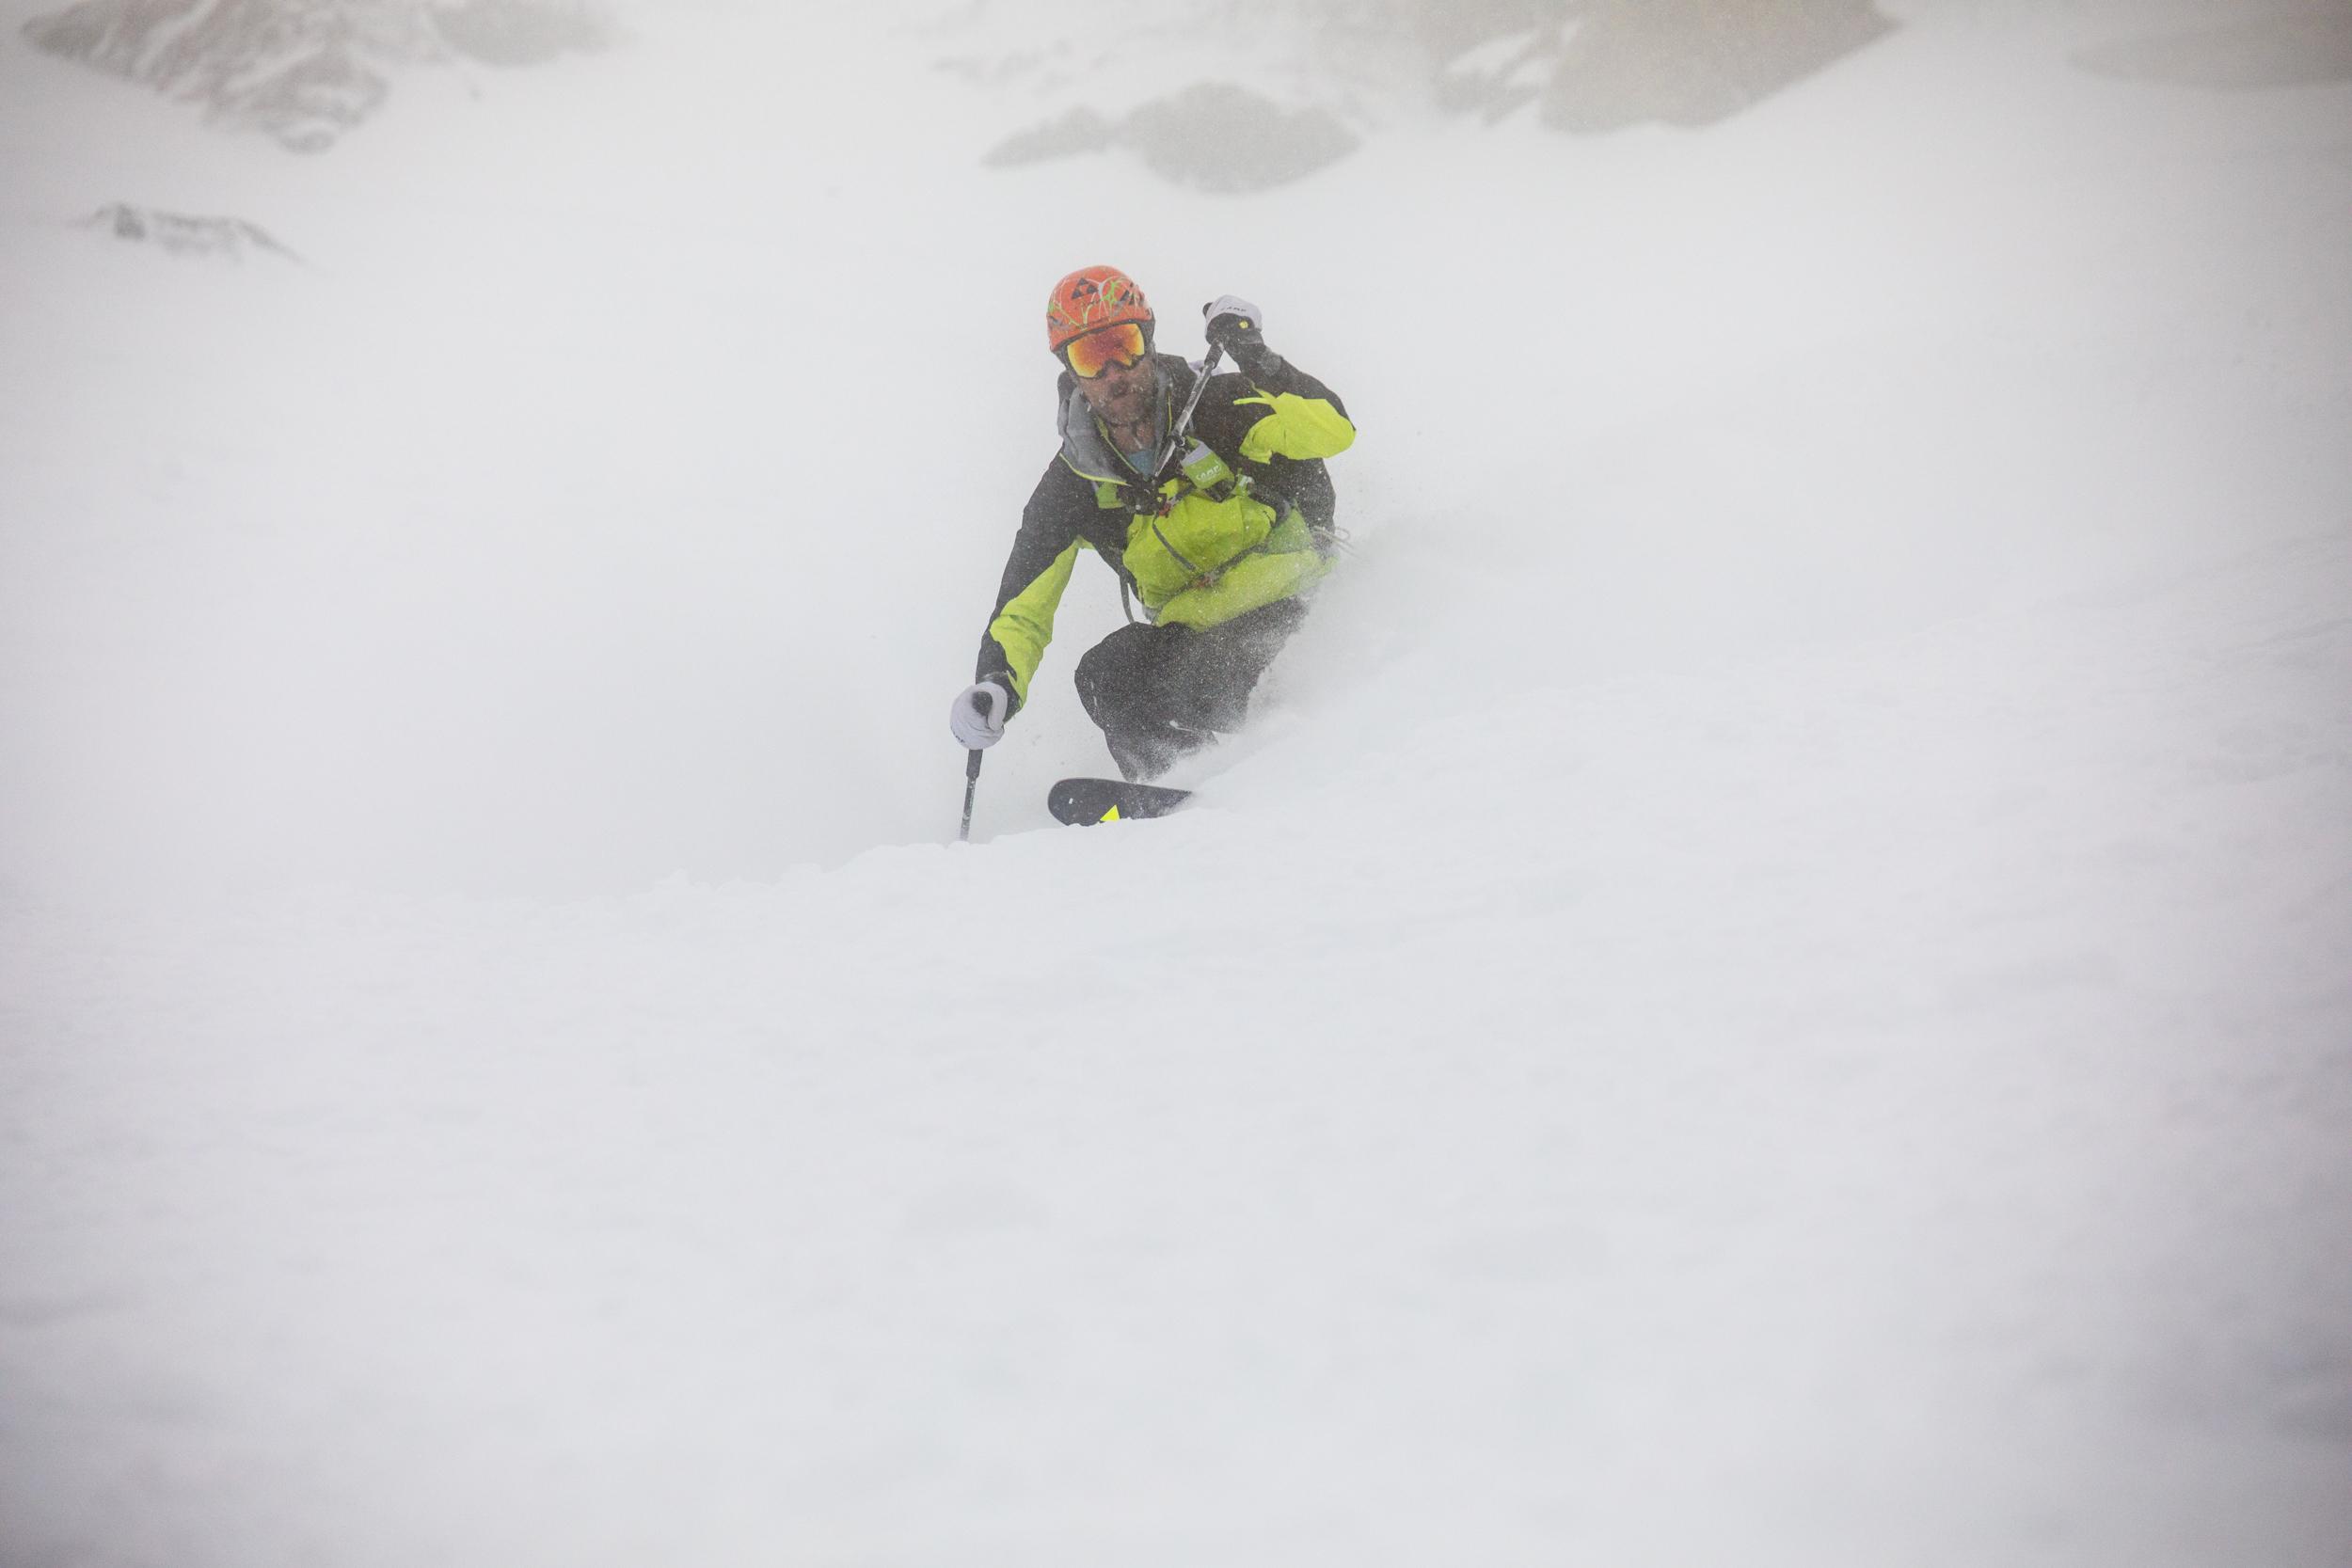 Andrew Drummond - Ski The Whites